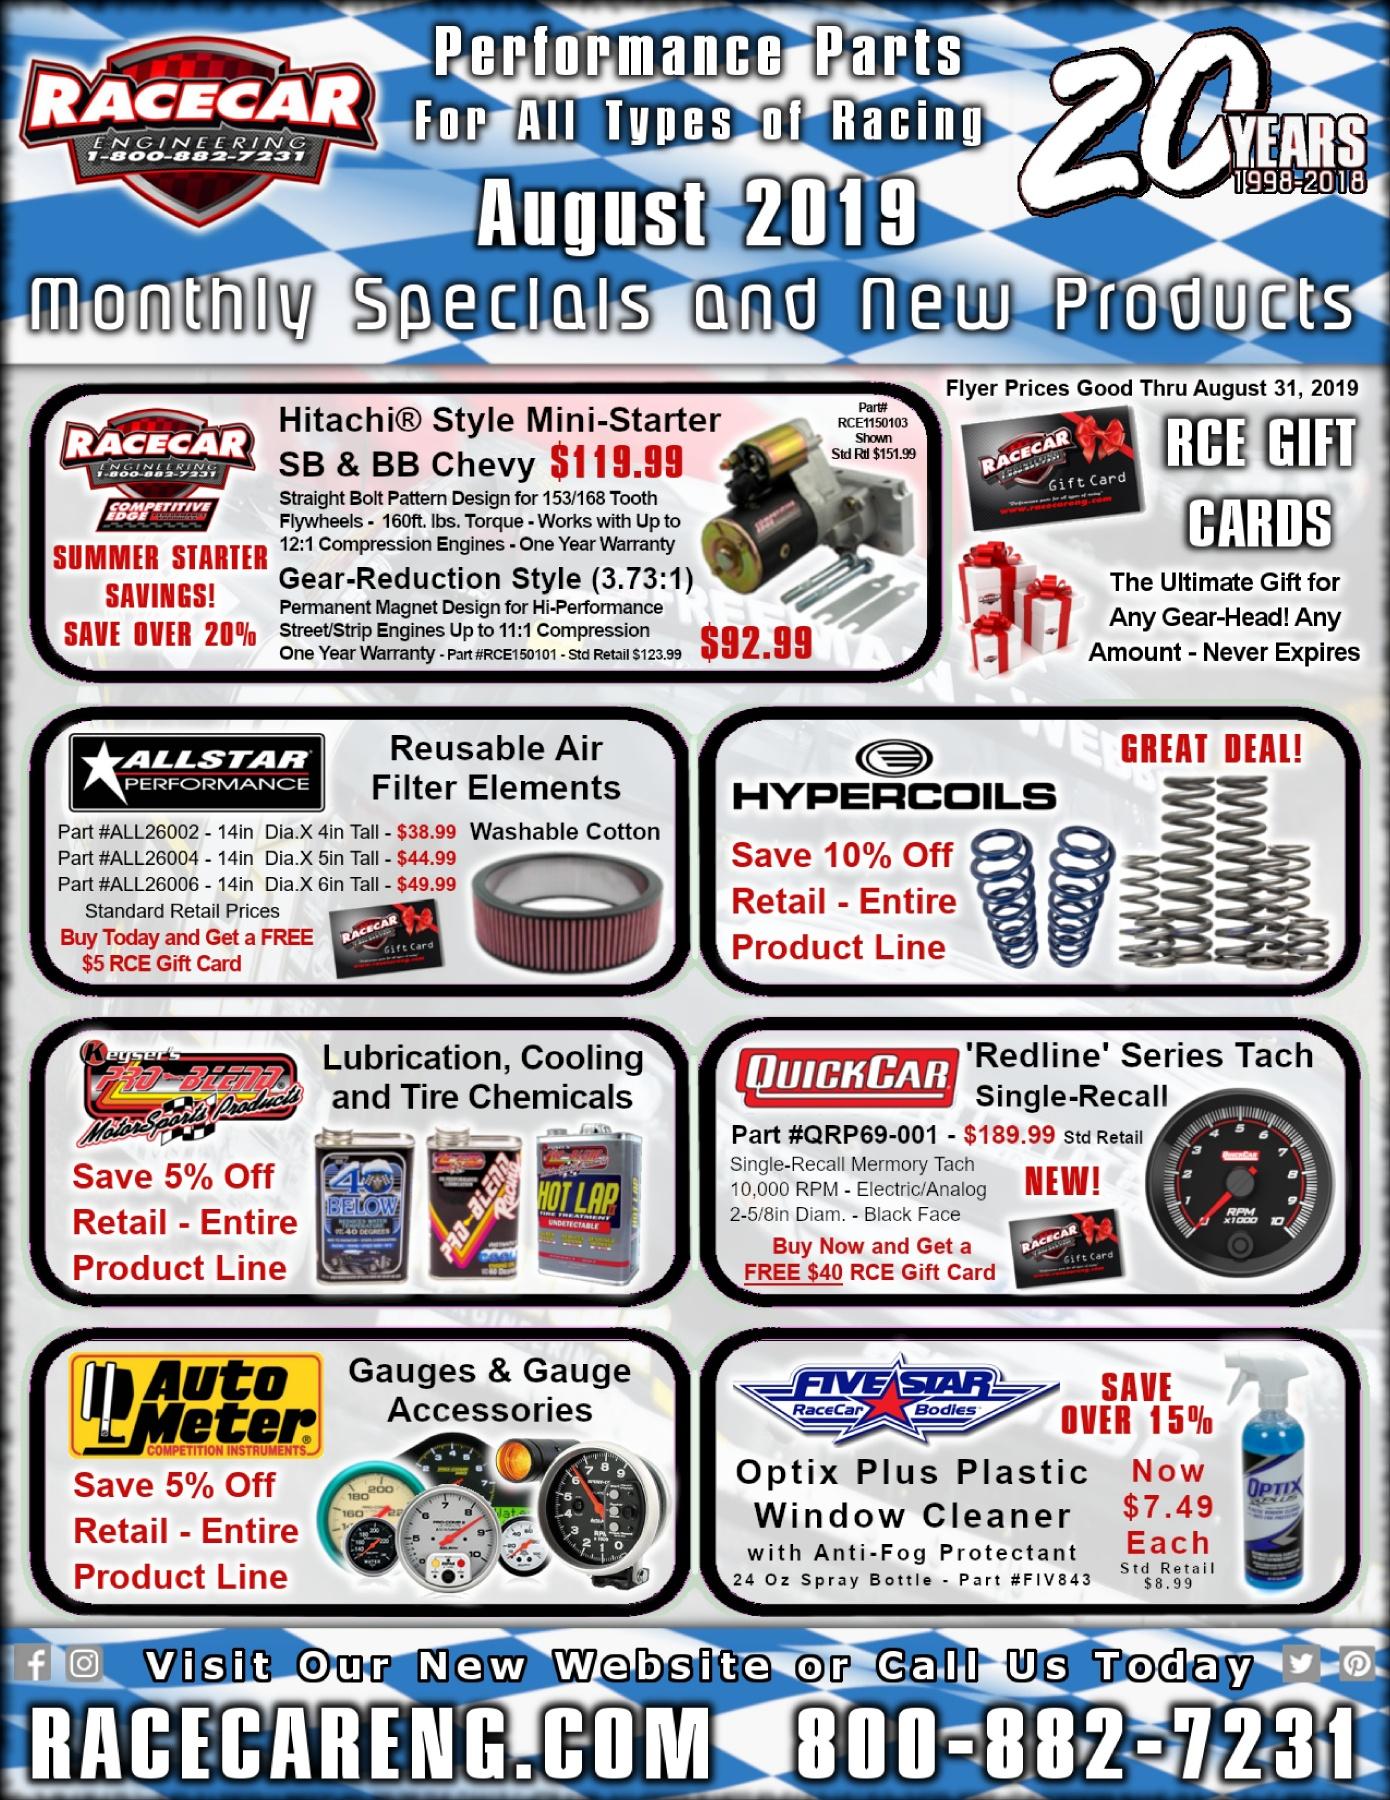 Racecar Engineering - August 2019 Sale Flyer